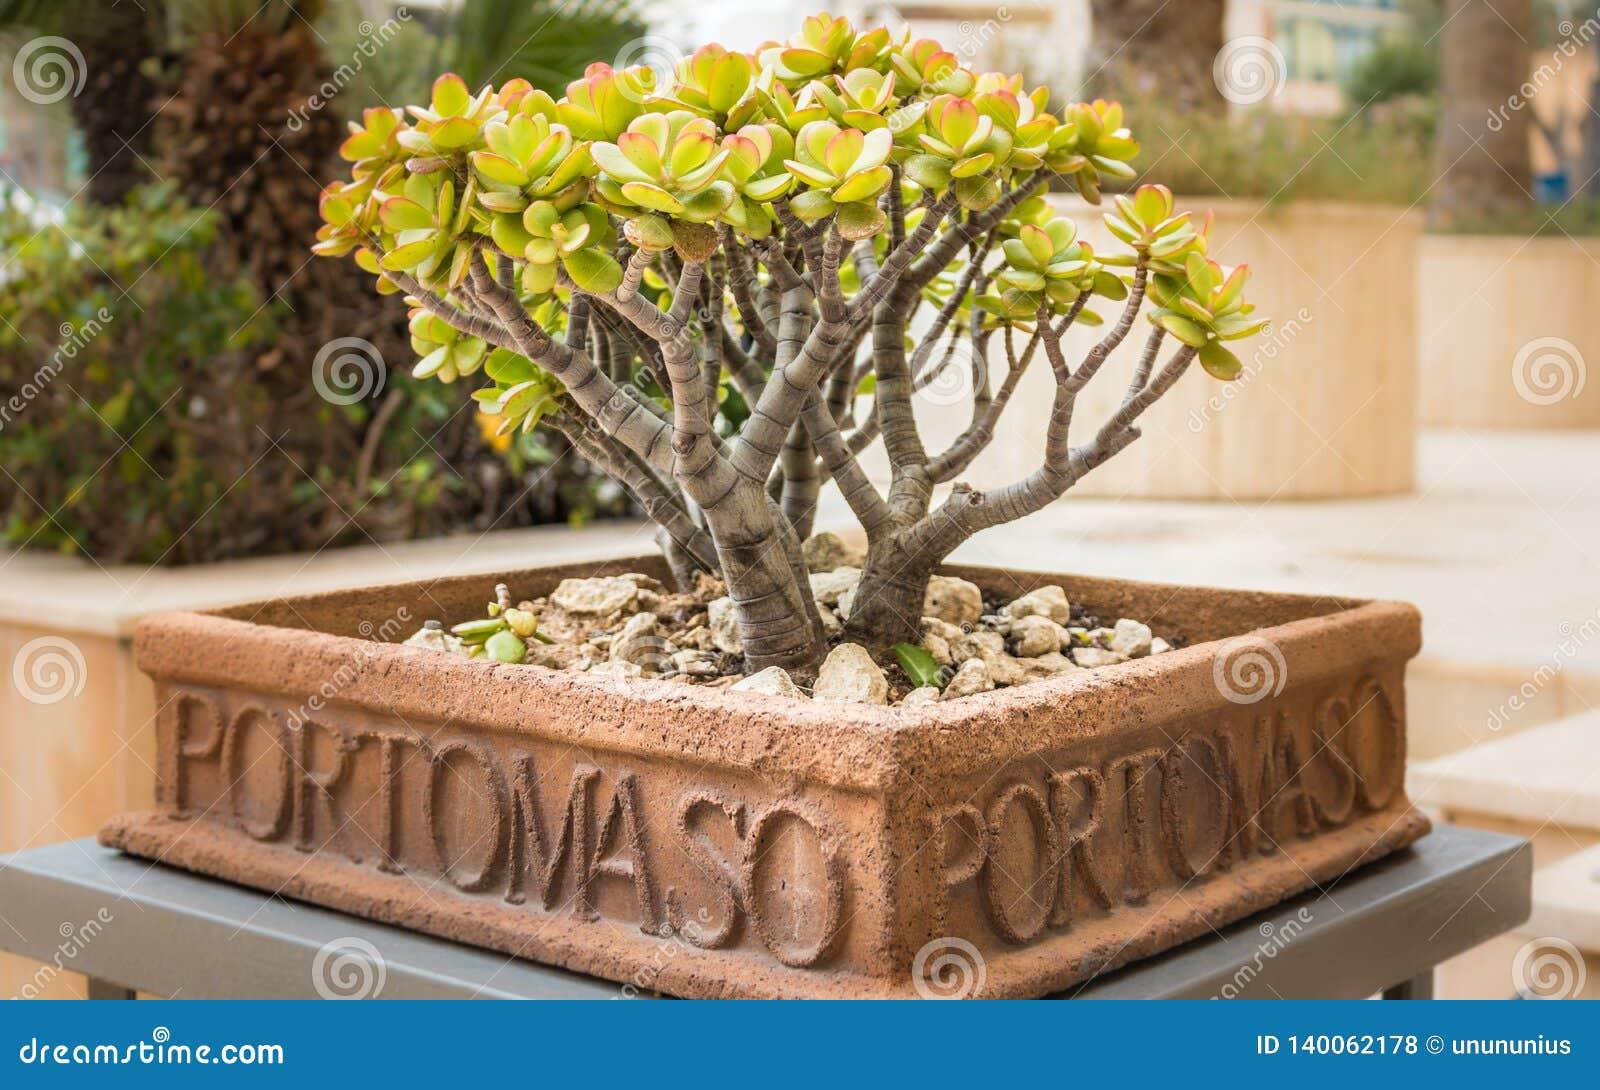 Kwiatu garnek piszący list z portomaso zawiera małego, zielonego drzewa wśrodku, Malta